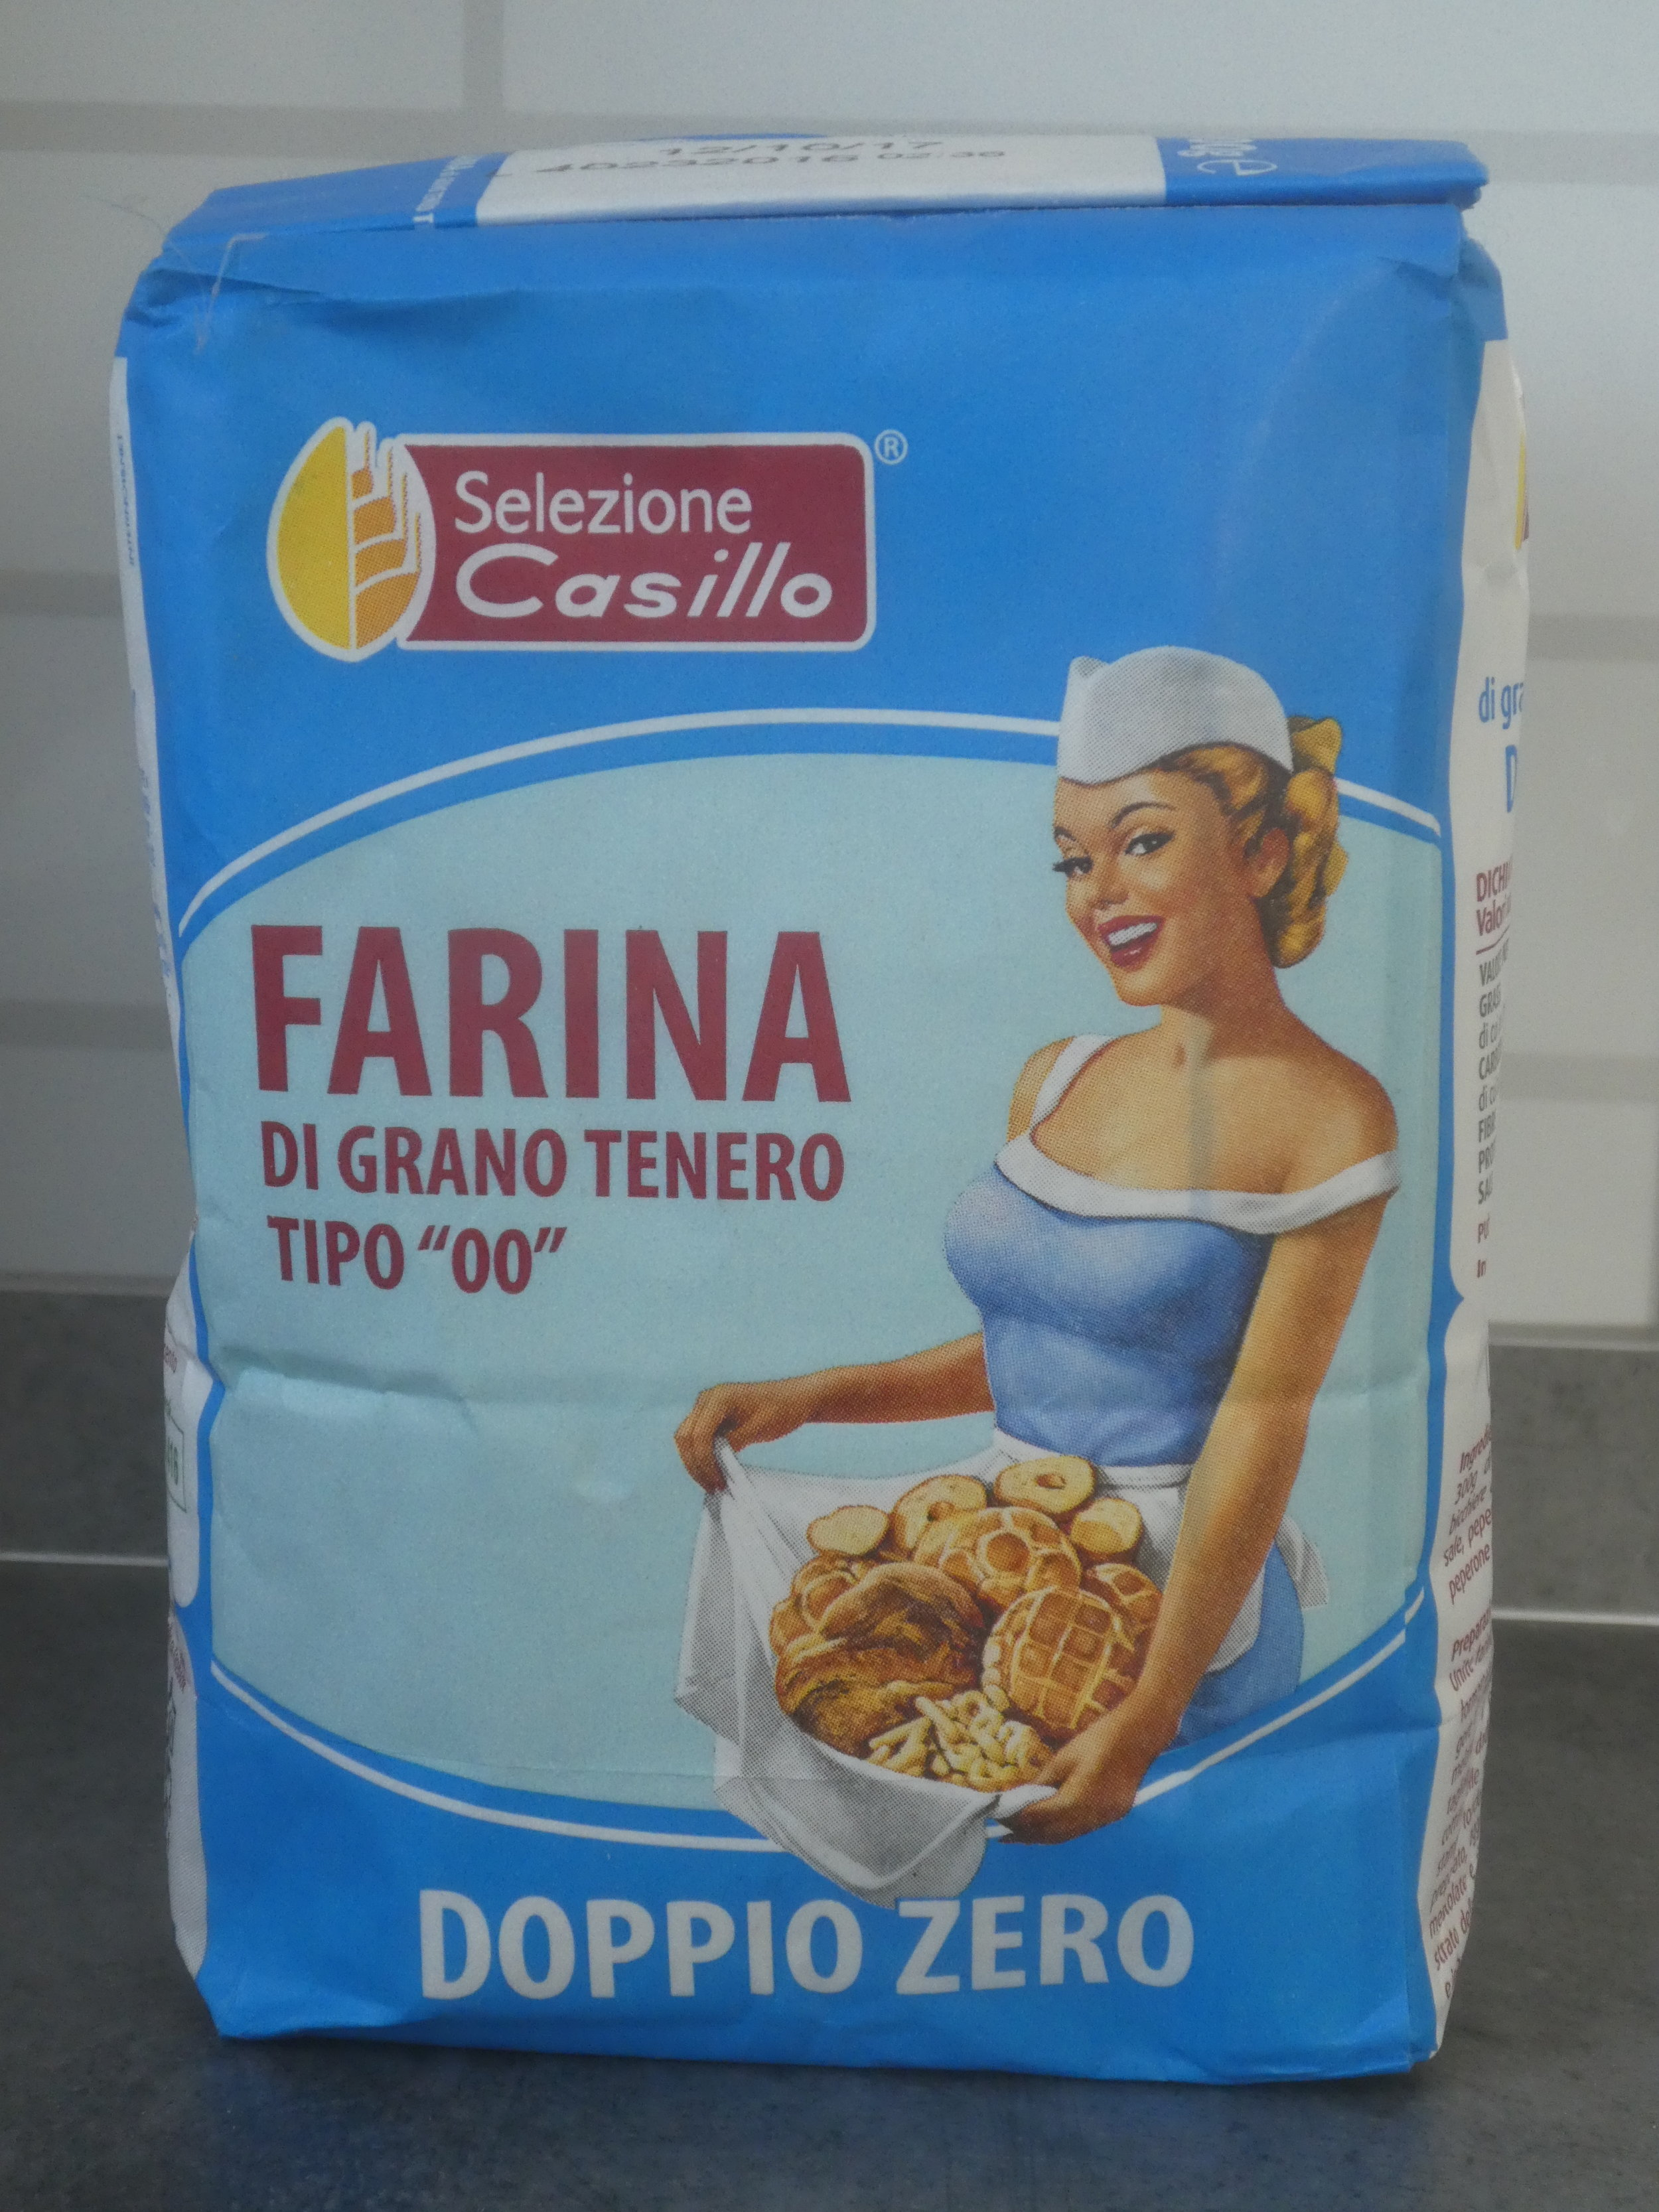 Obviously Italian wheat flour, Type Double Zero.